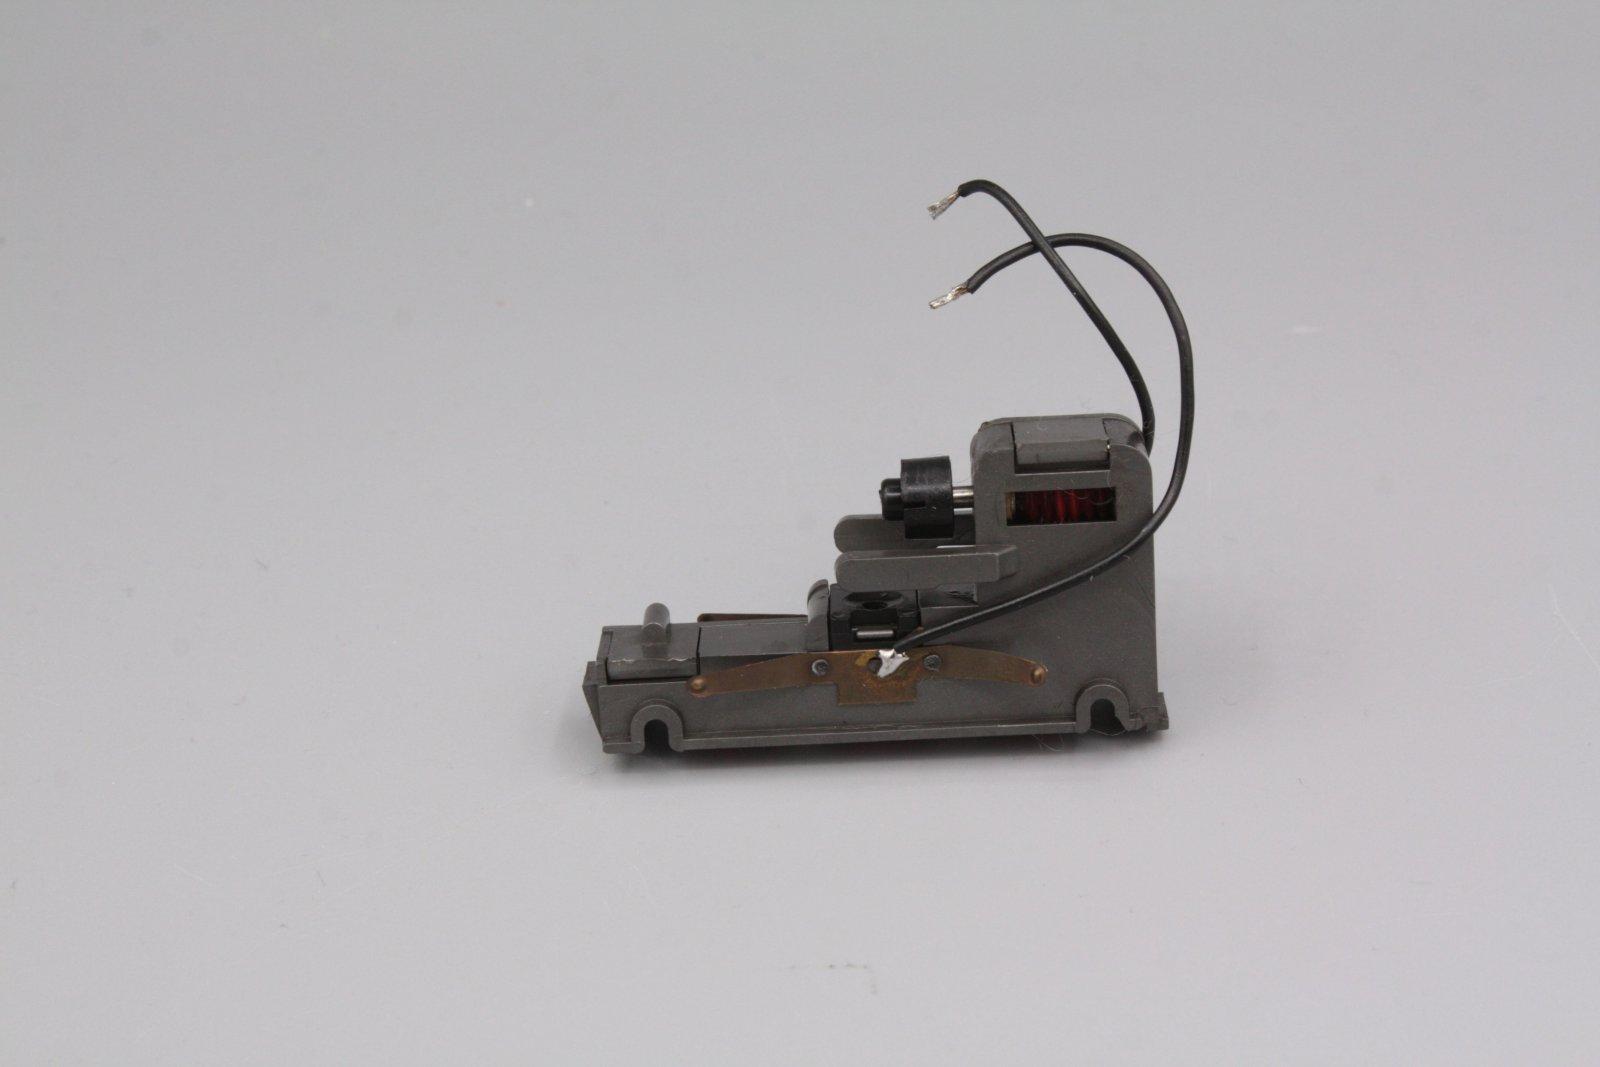 Ersatzteil Roco110 / 140 Getriebe rot/weiße Zahnräder schrägverz. - anthrazit/3